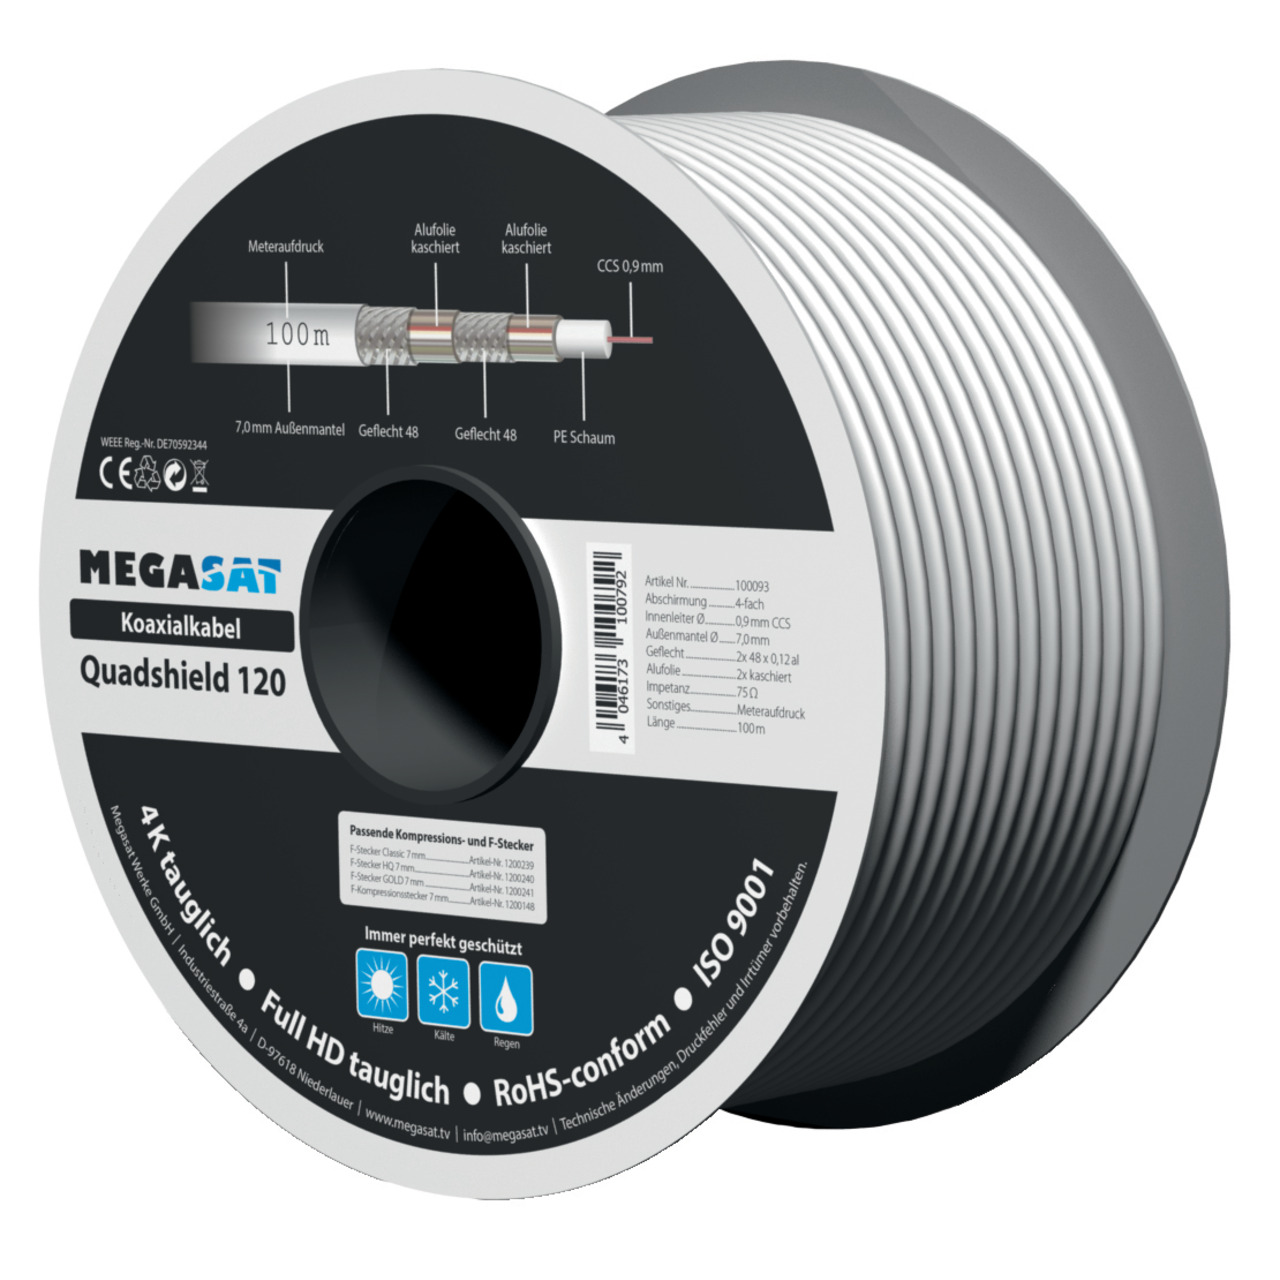 Megasat Koaxialkabel 120- Schirmmaund-223  110 dB- 4-fach abgeschirmt- weiund-223 - 100 m (Spule)